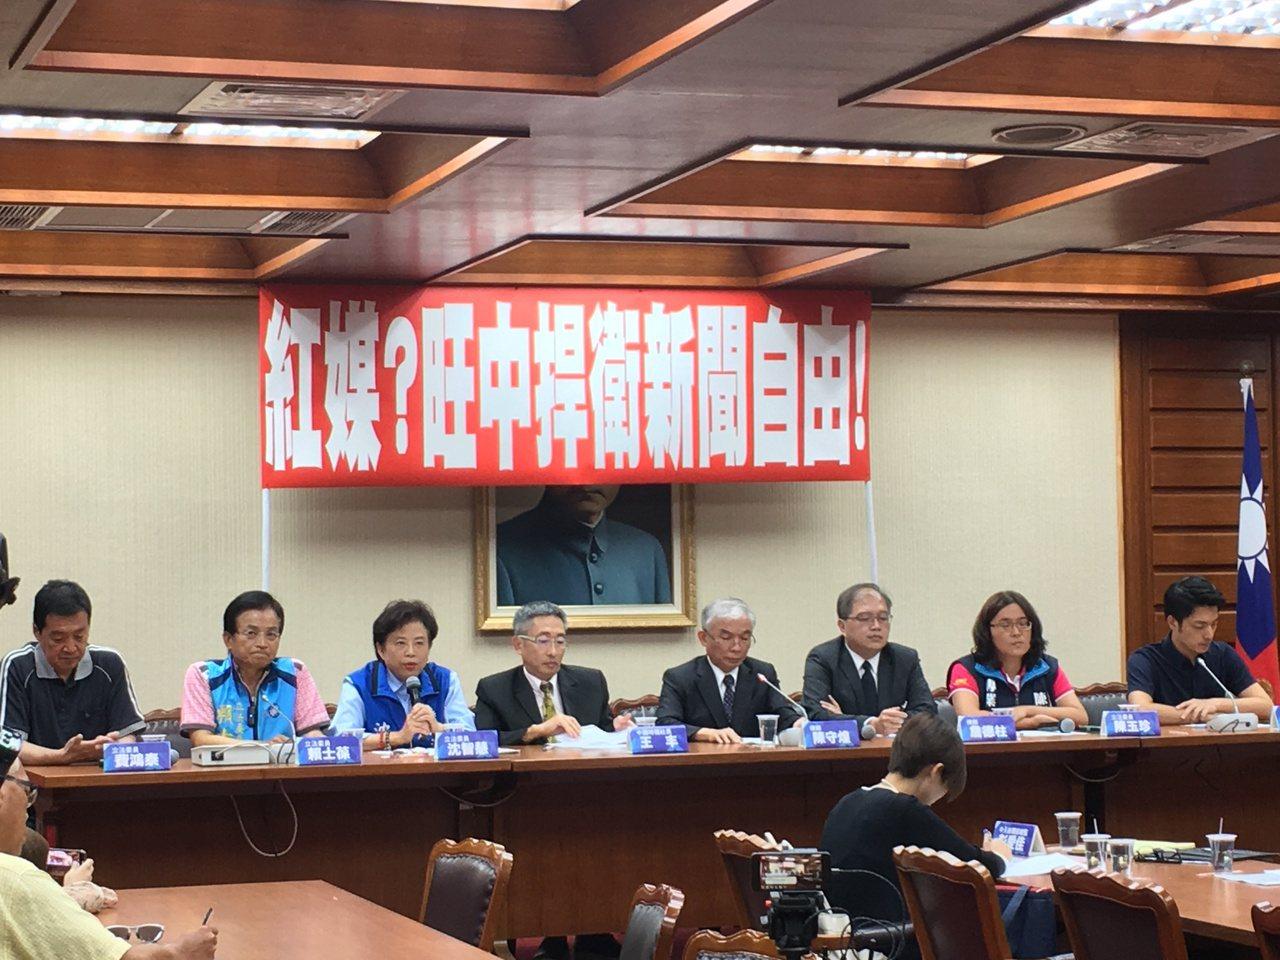 旺中集團不滿遭抹紅舉行記者會。記者蔡晉宇/攝影